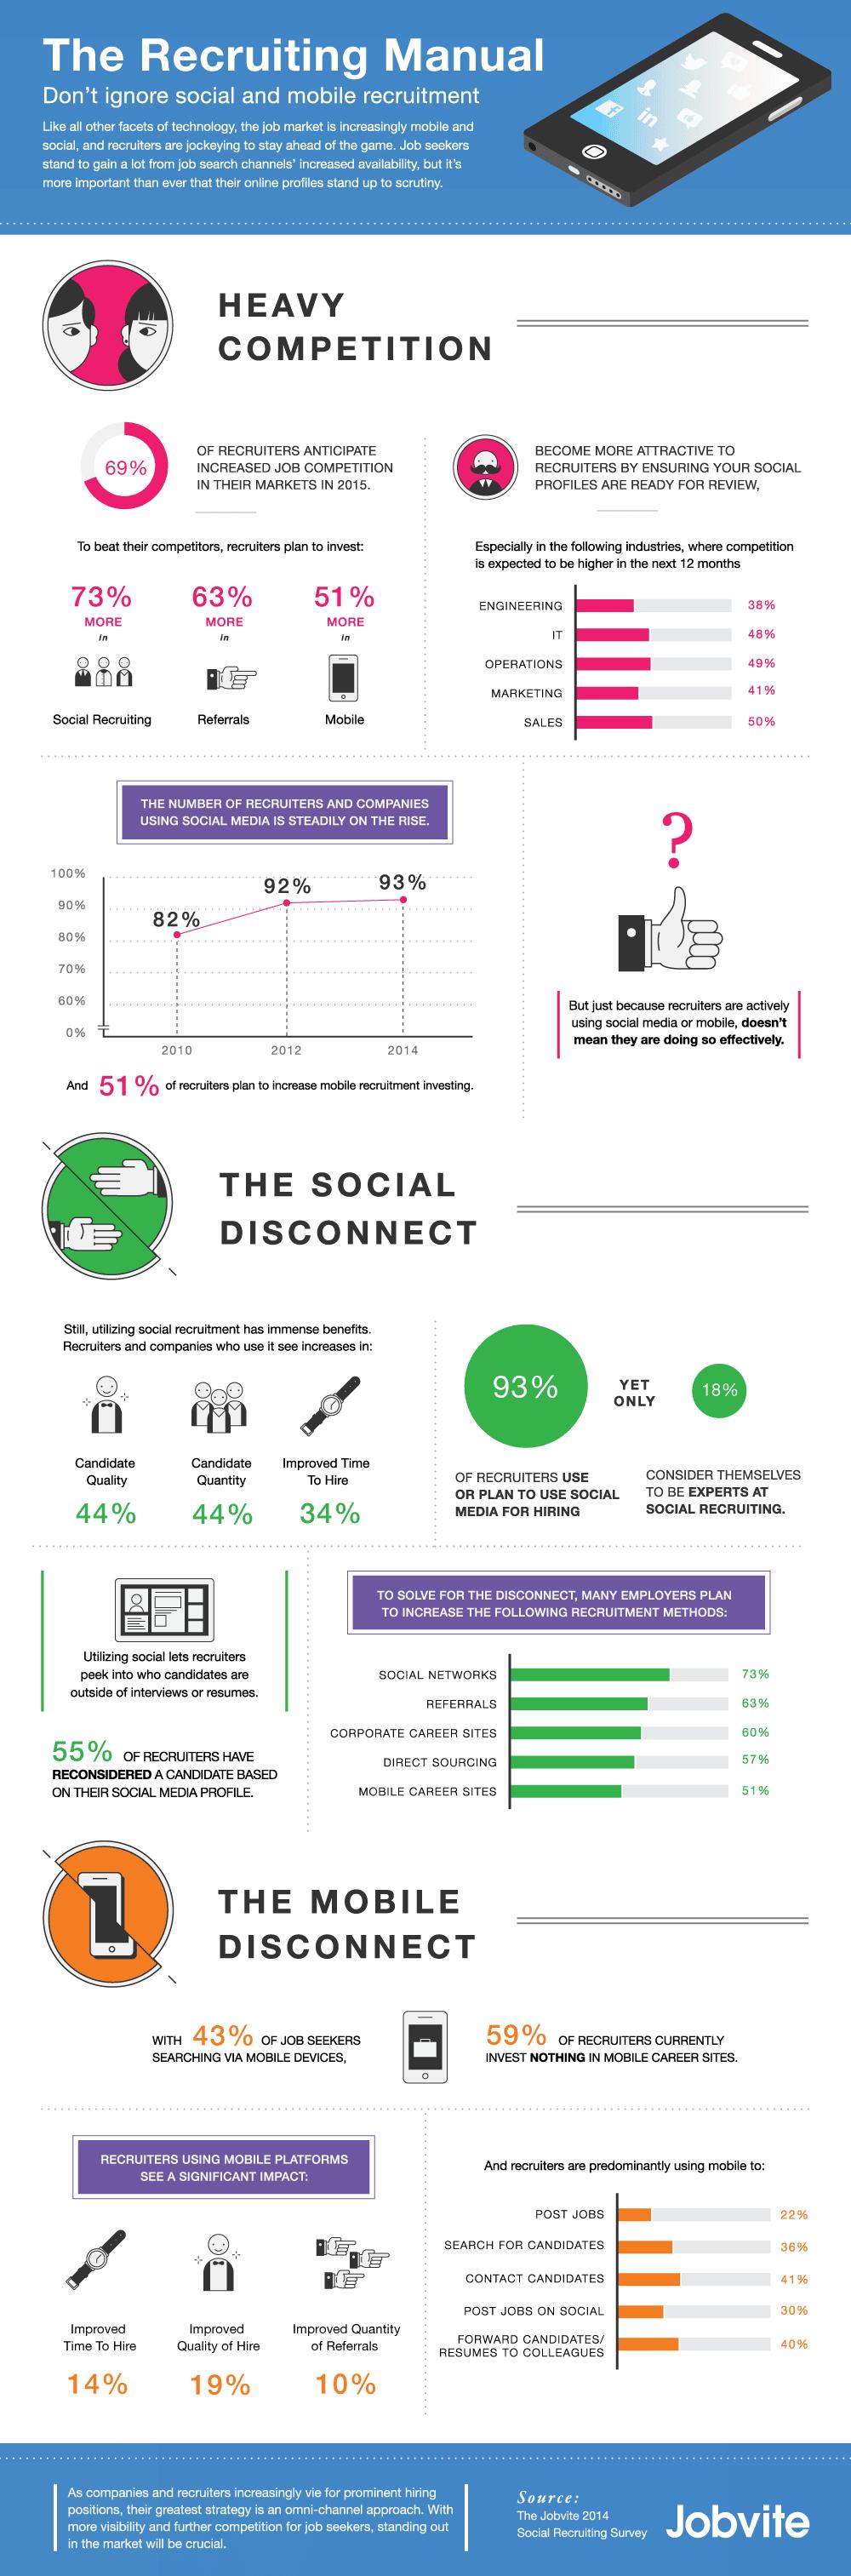 réseaux sociaux pour le recrutement